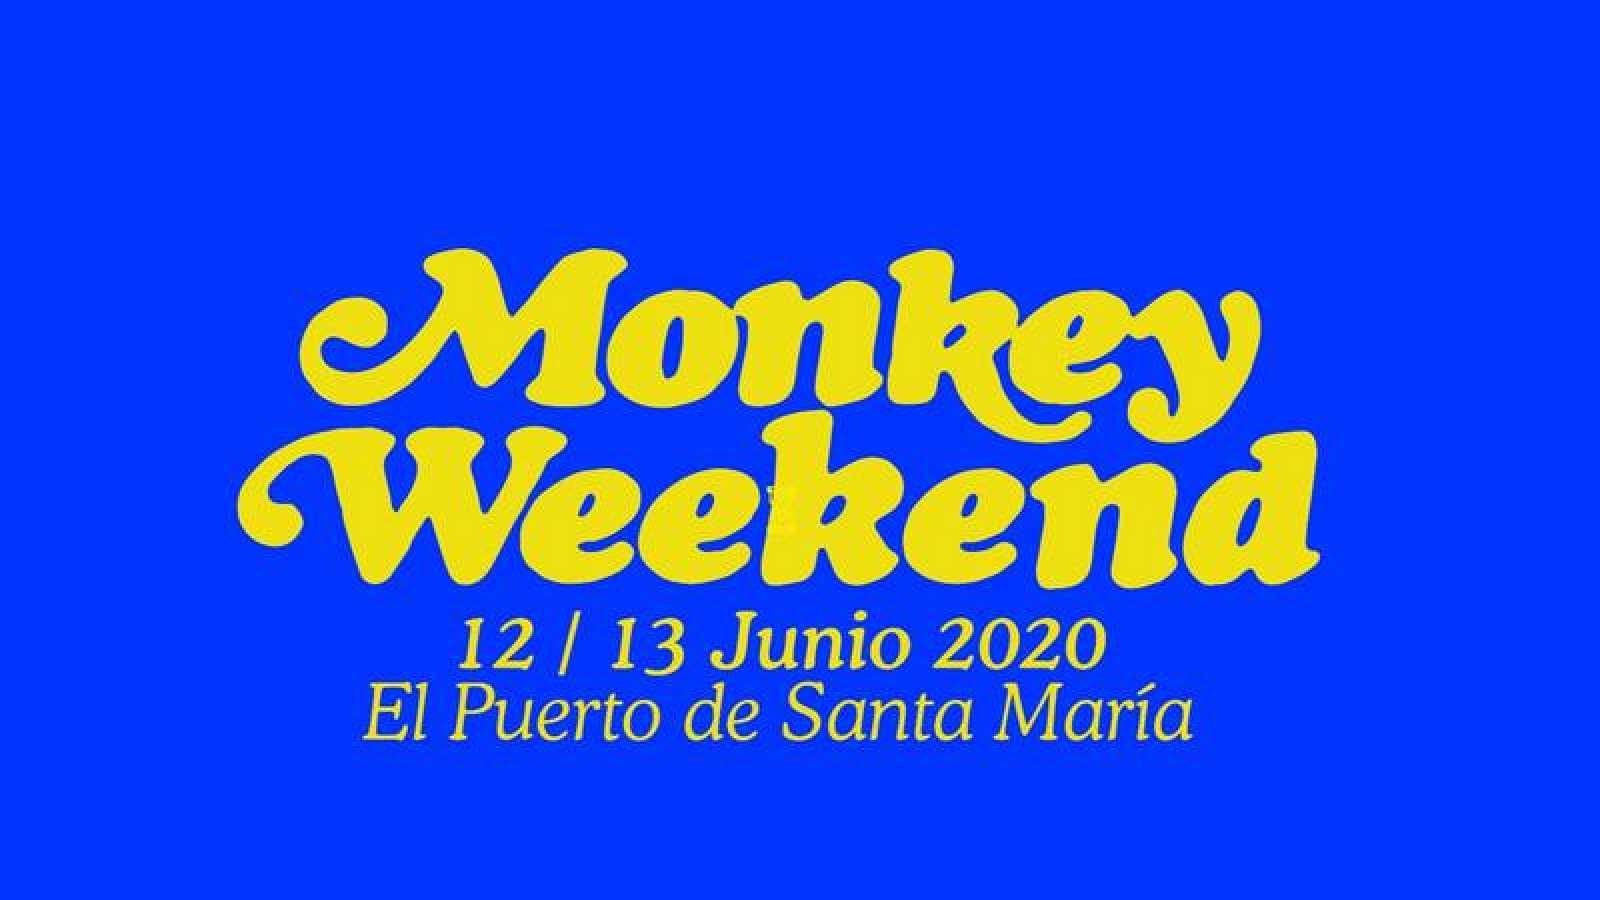 Monkey Weekend volverá a El Puerto de Santa María en 2021